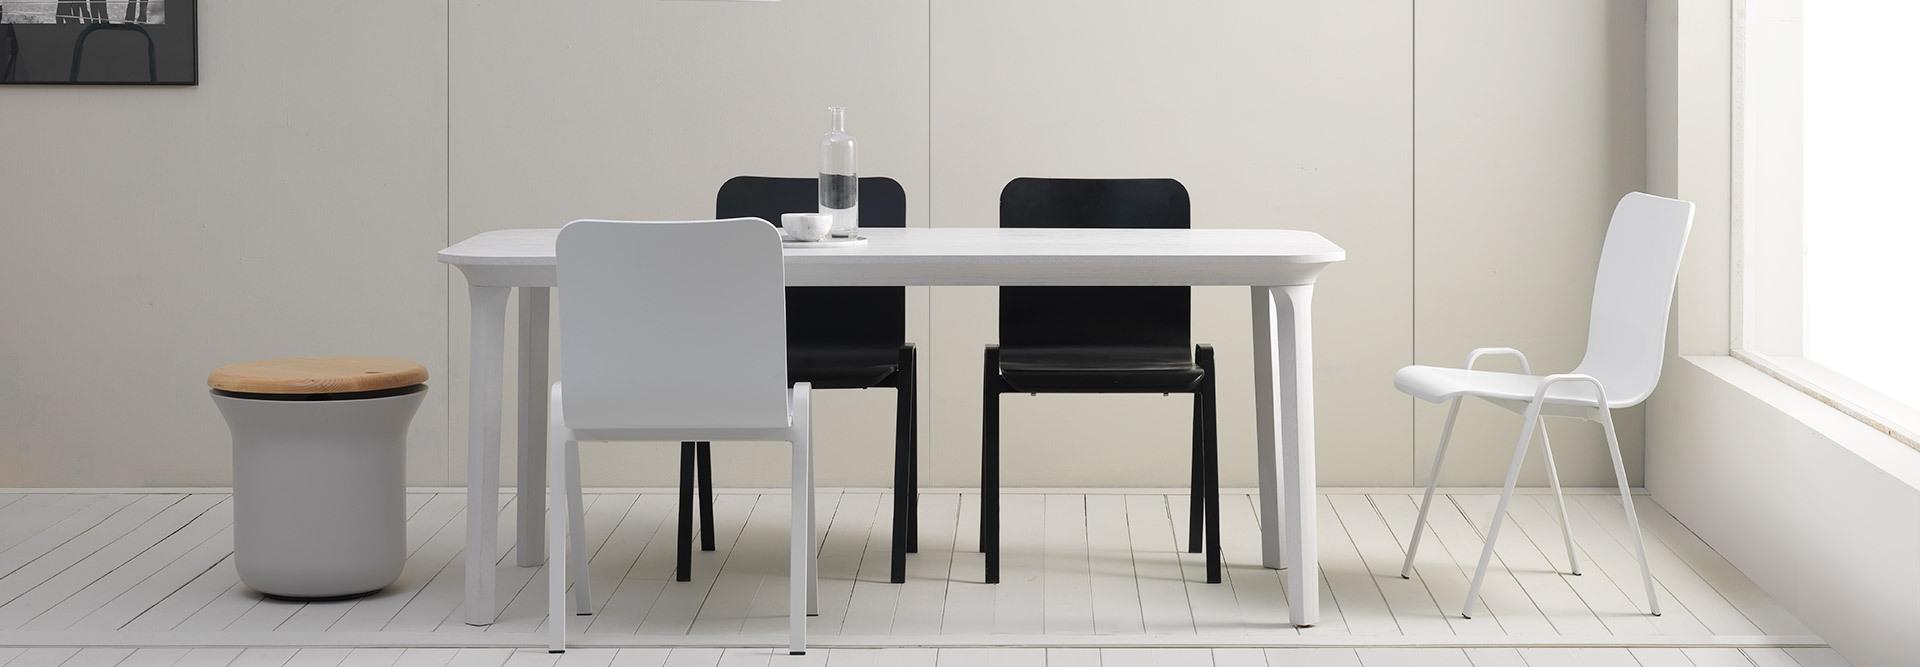 东方飞檐的现代日常,深埋细节的优美长桌